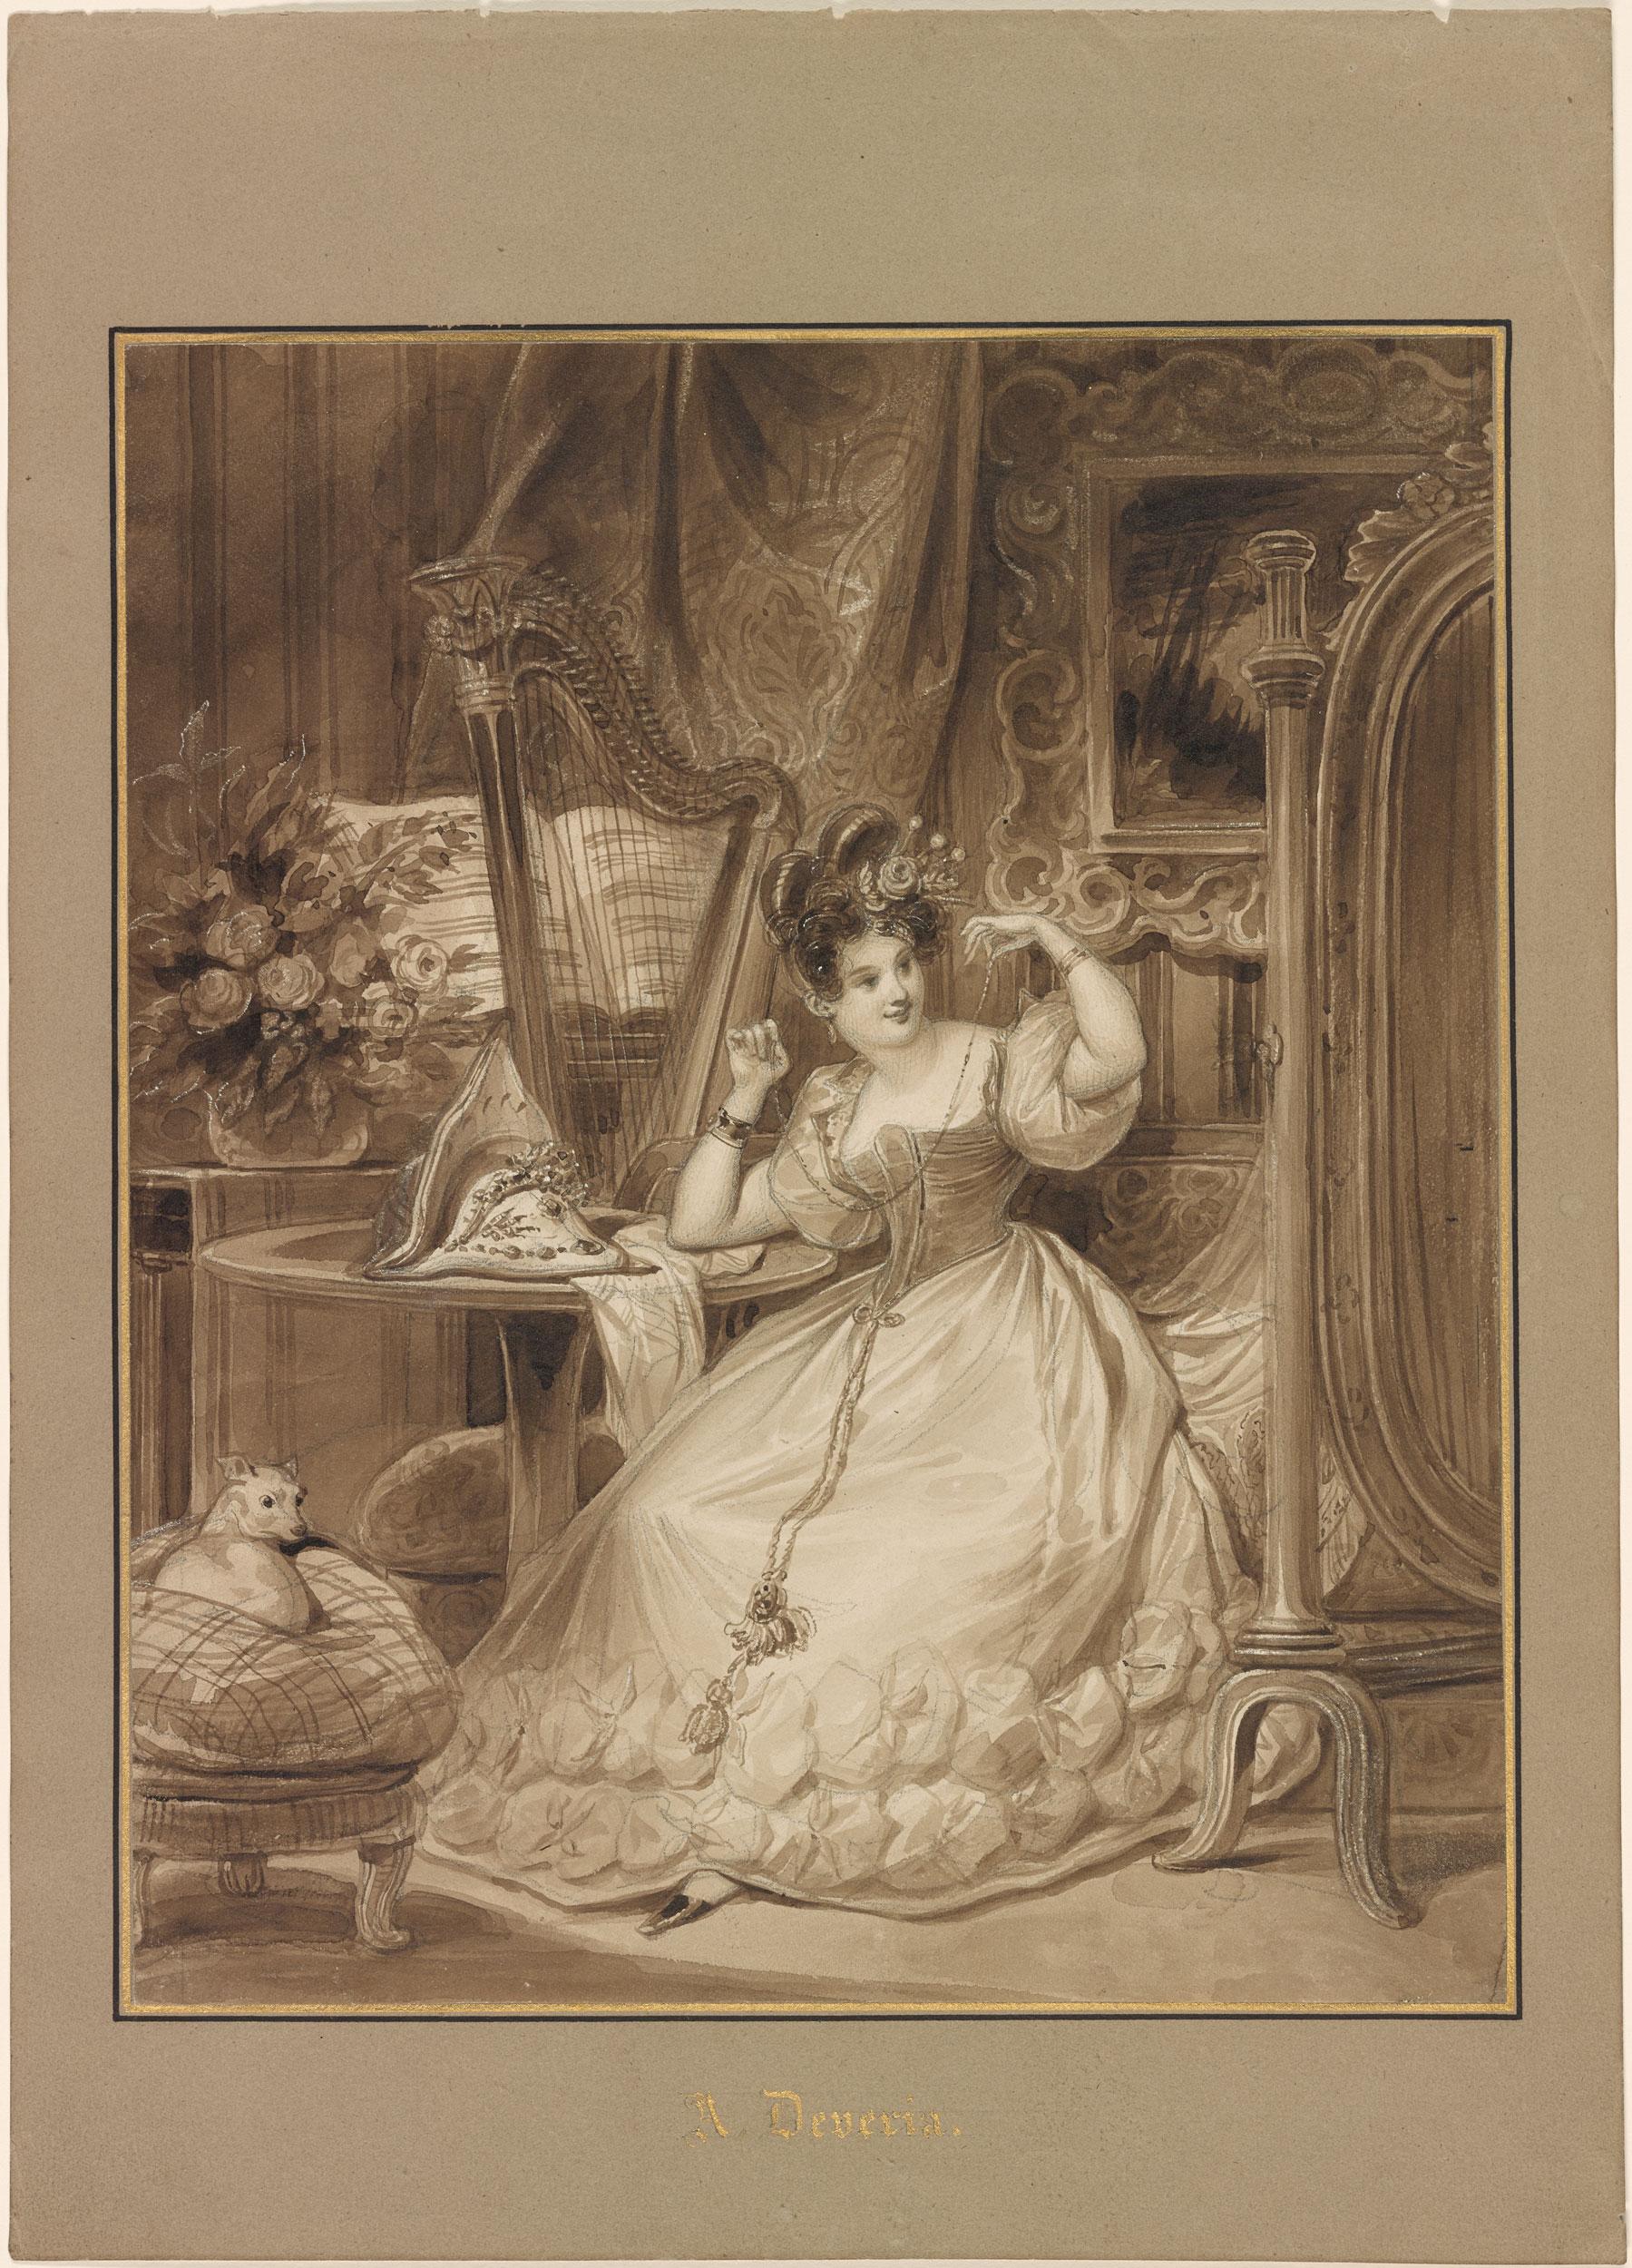 Achille Devria  Un jour avant le mariage  Drawings